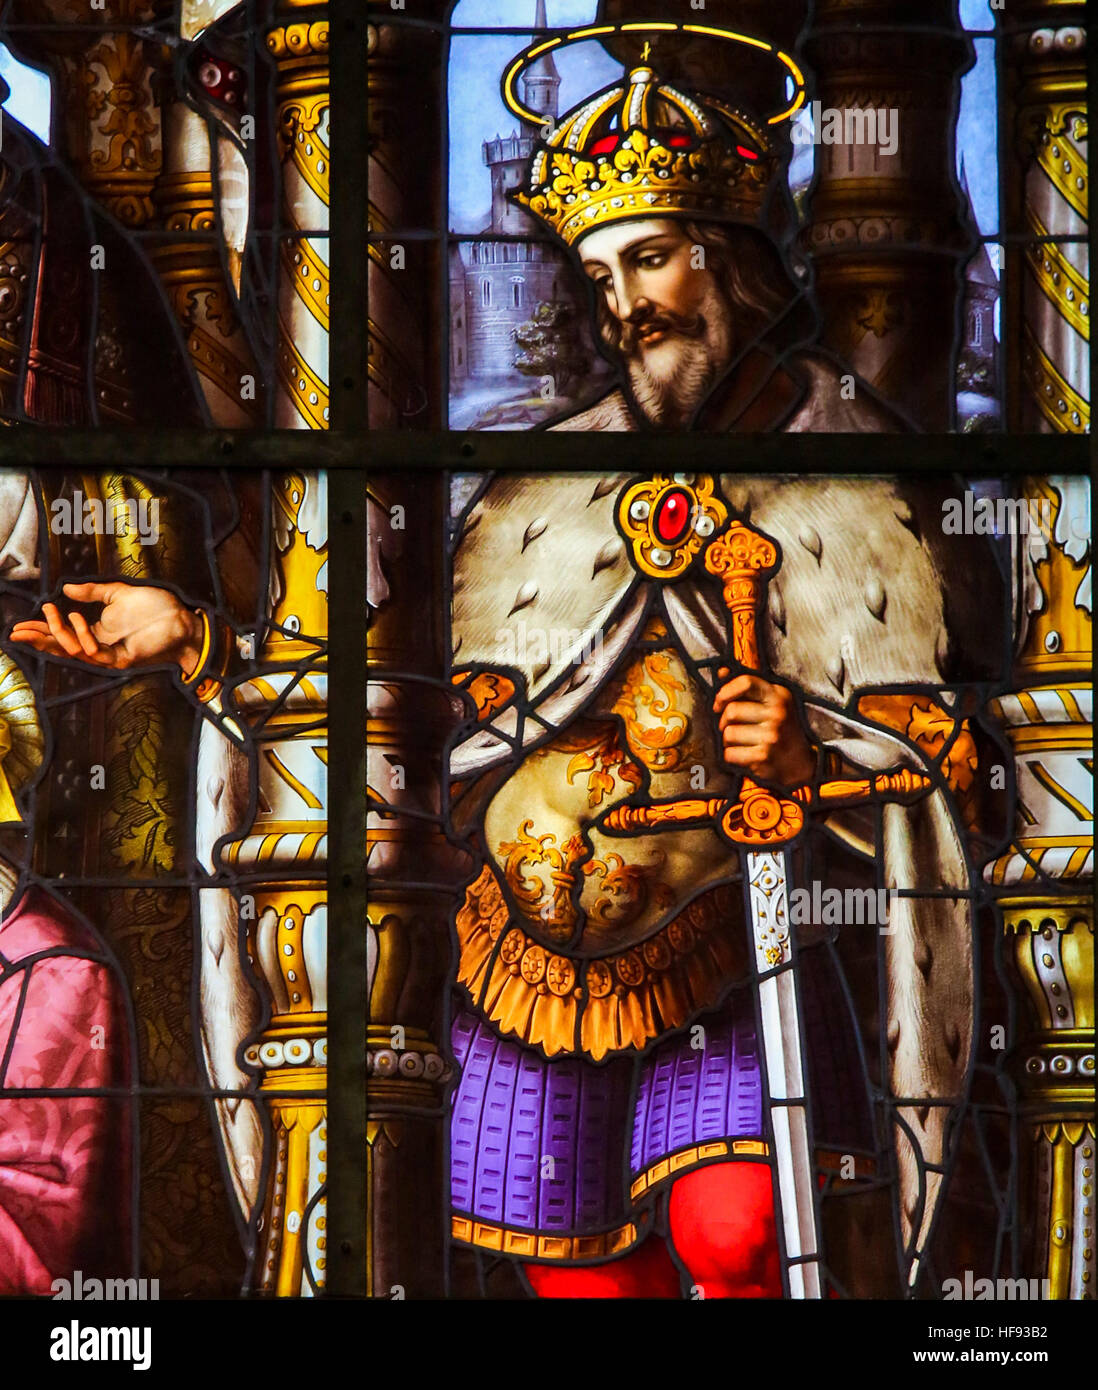 Vidriera representando a San Luis (rey Luis IX de Francia), en la Iglesia de San Nicolás en Gante, Bélgica Foto de stock